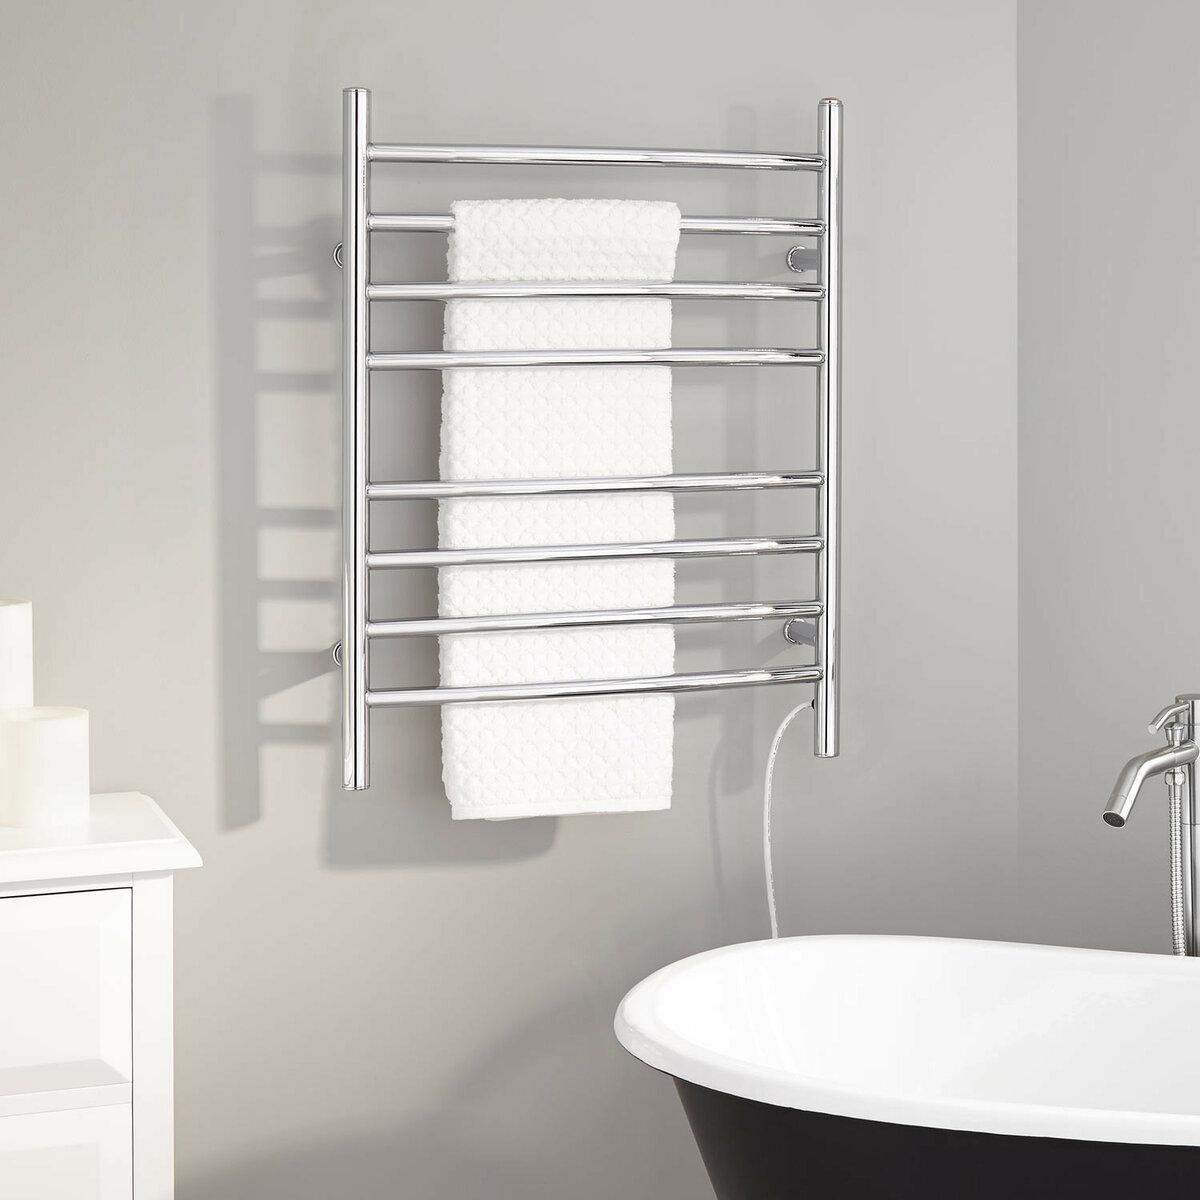 Какой водяной полотенцесушитель лучше приобрести и как его выбрать?